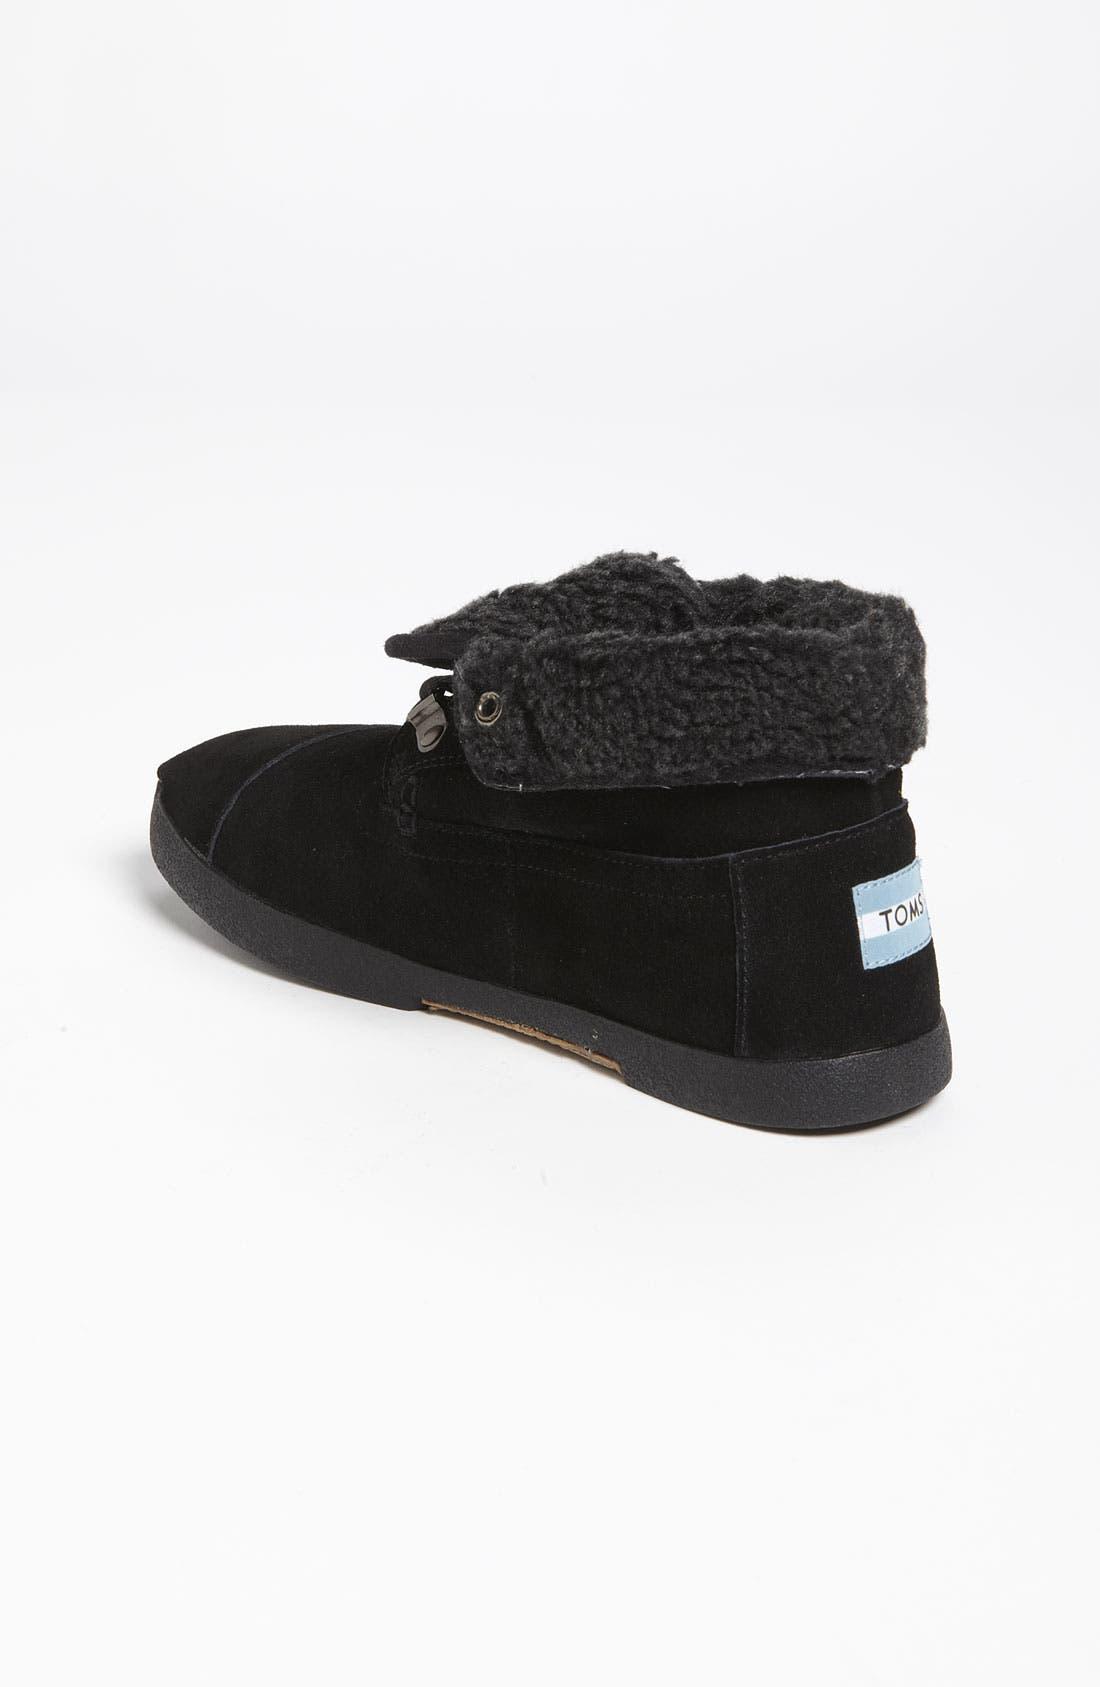 Alternate Image 2  - TOMS 'Botas' Fleece Boot (Women)